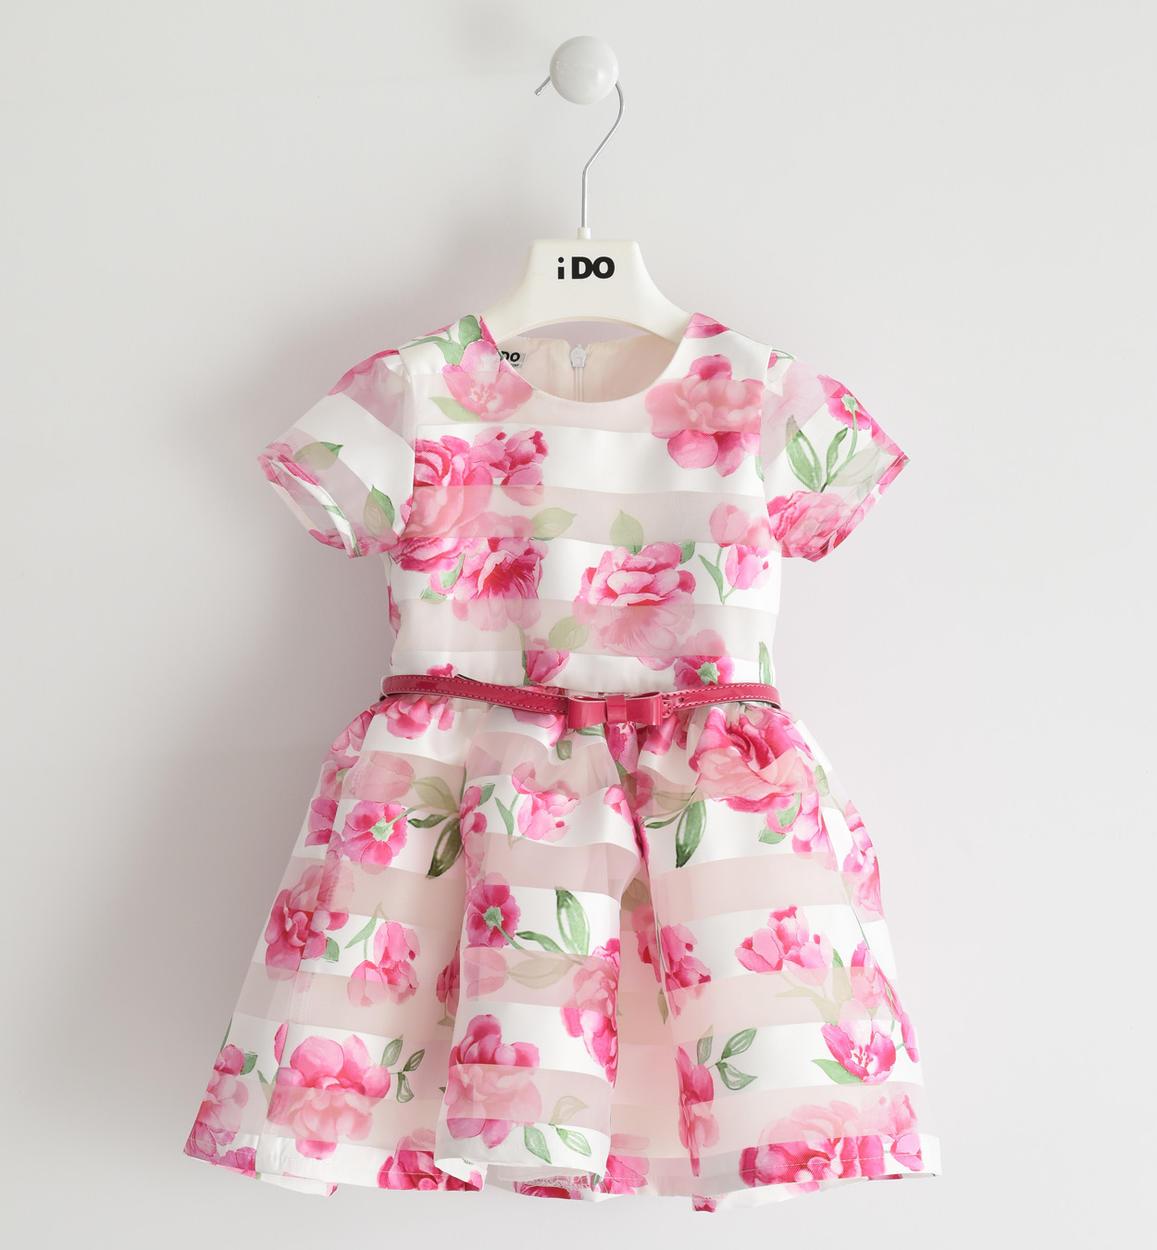 elegante e romantico abito con stampa fl panna fronte 01 1444j29400 6me9